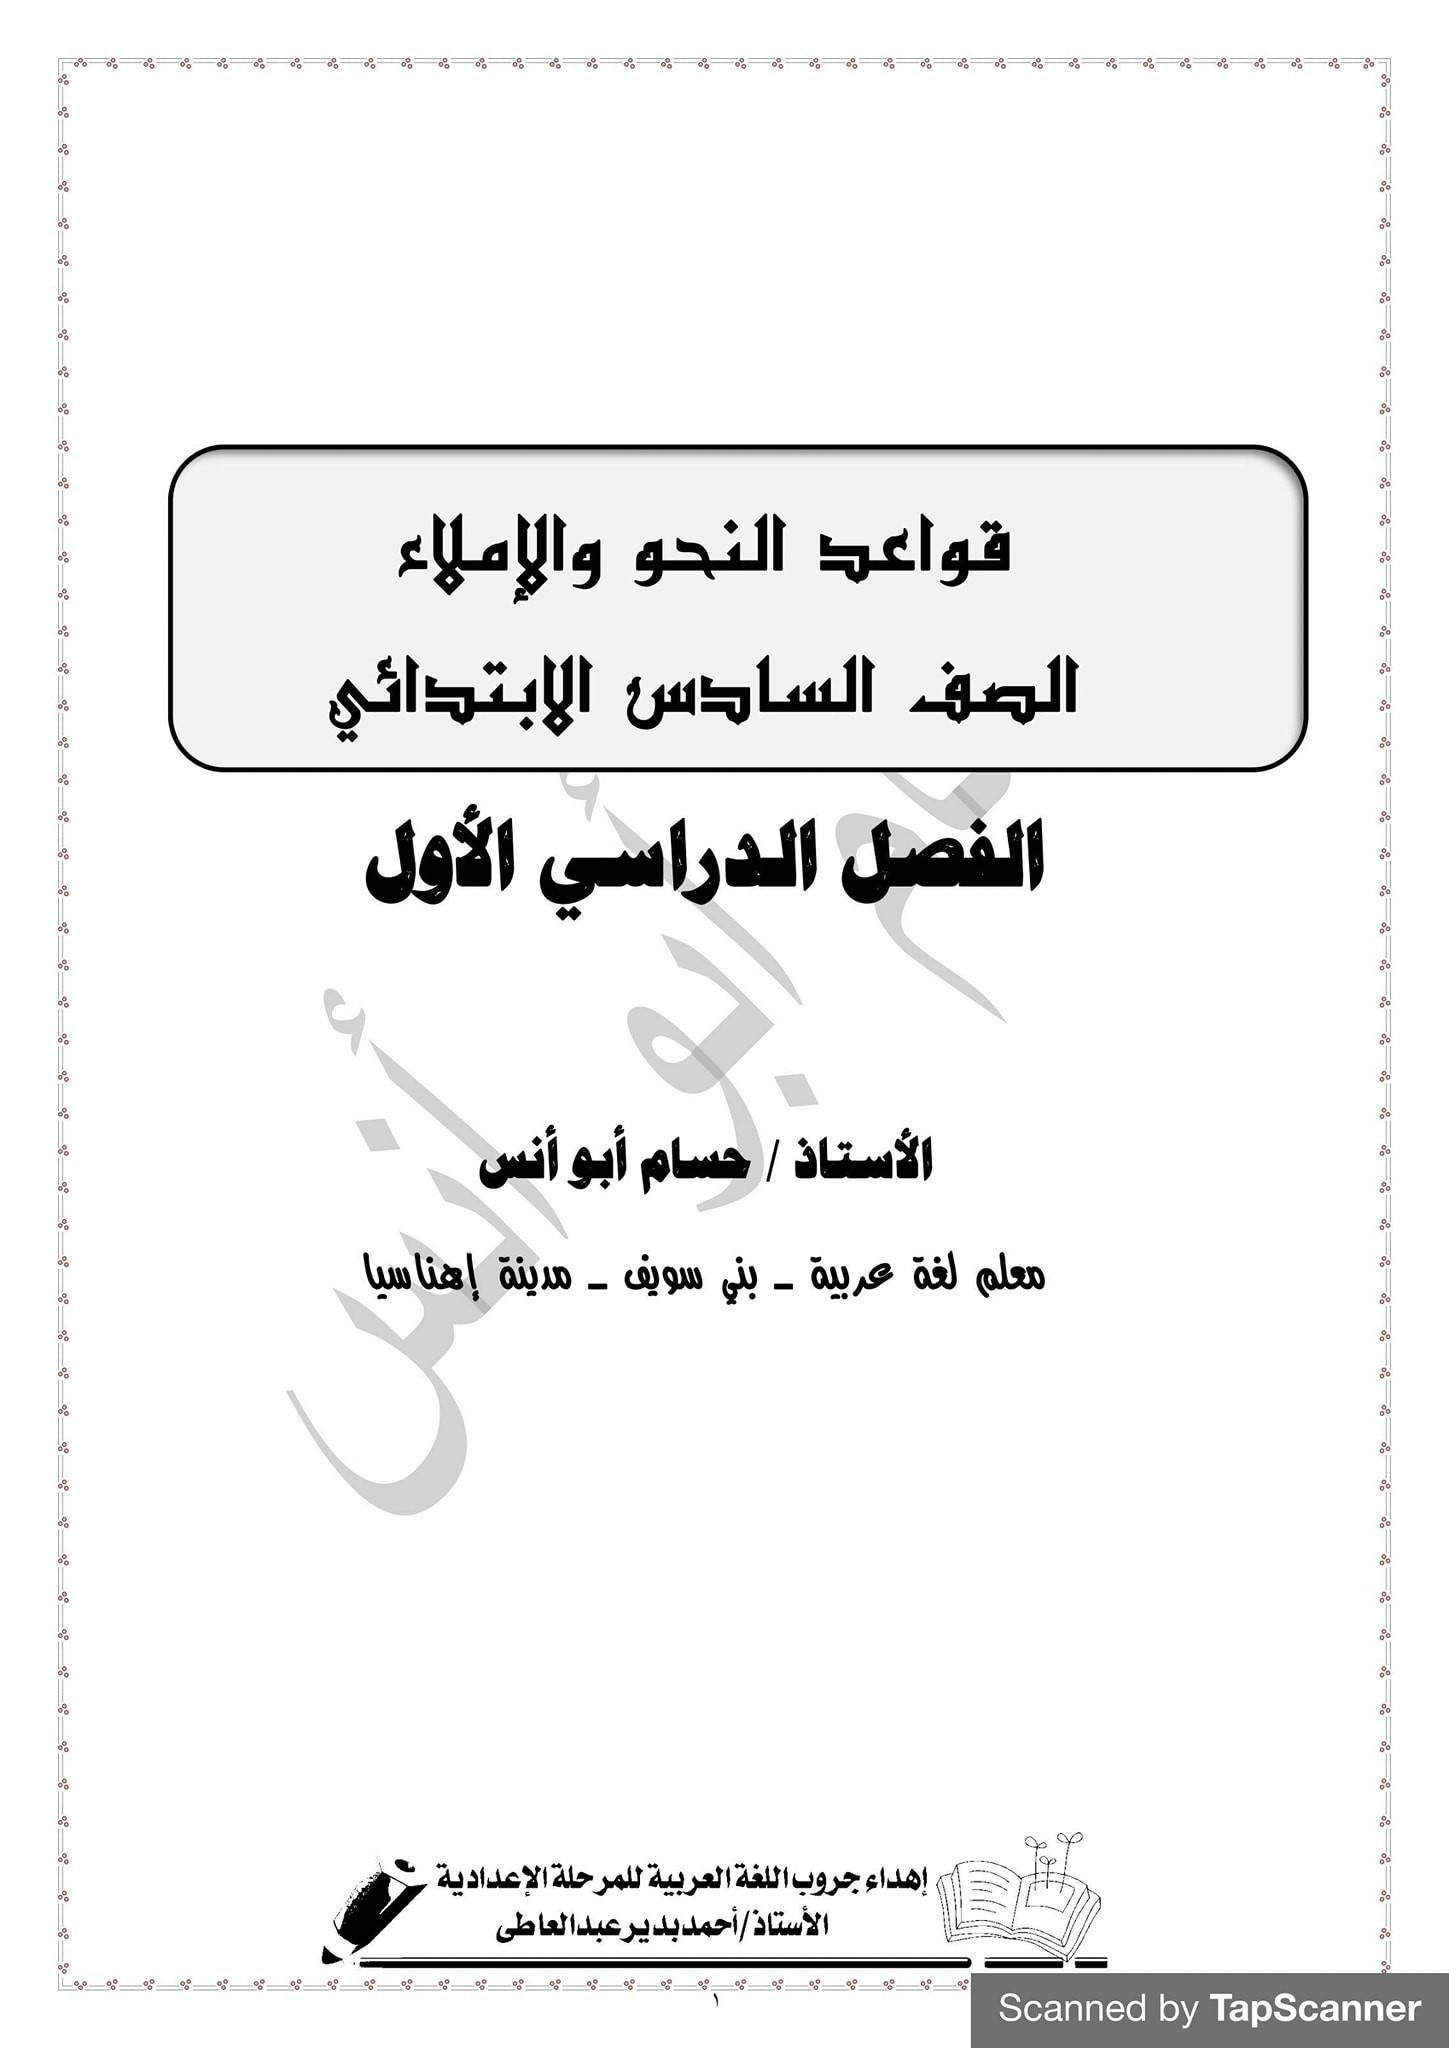 تحميل كراسة القواعد النحو والاملاء الصف السادس الابتدائي ,للفصل الدراسي الأول بصيغة pdf